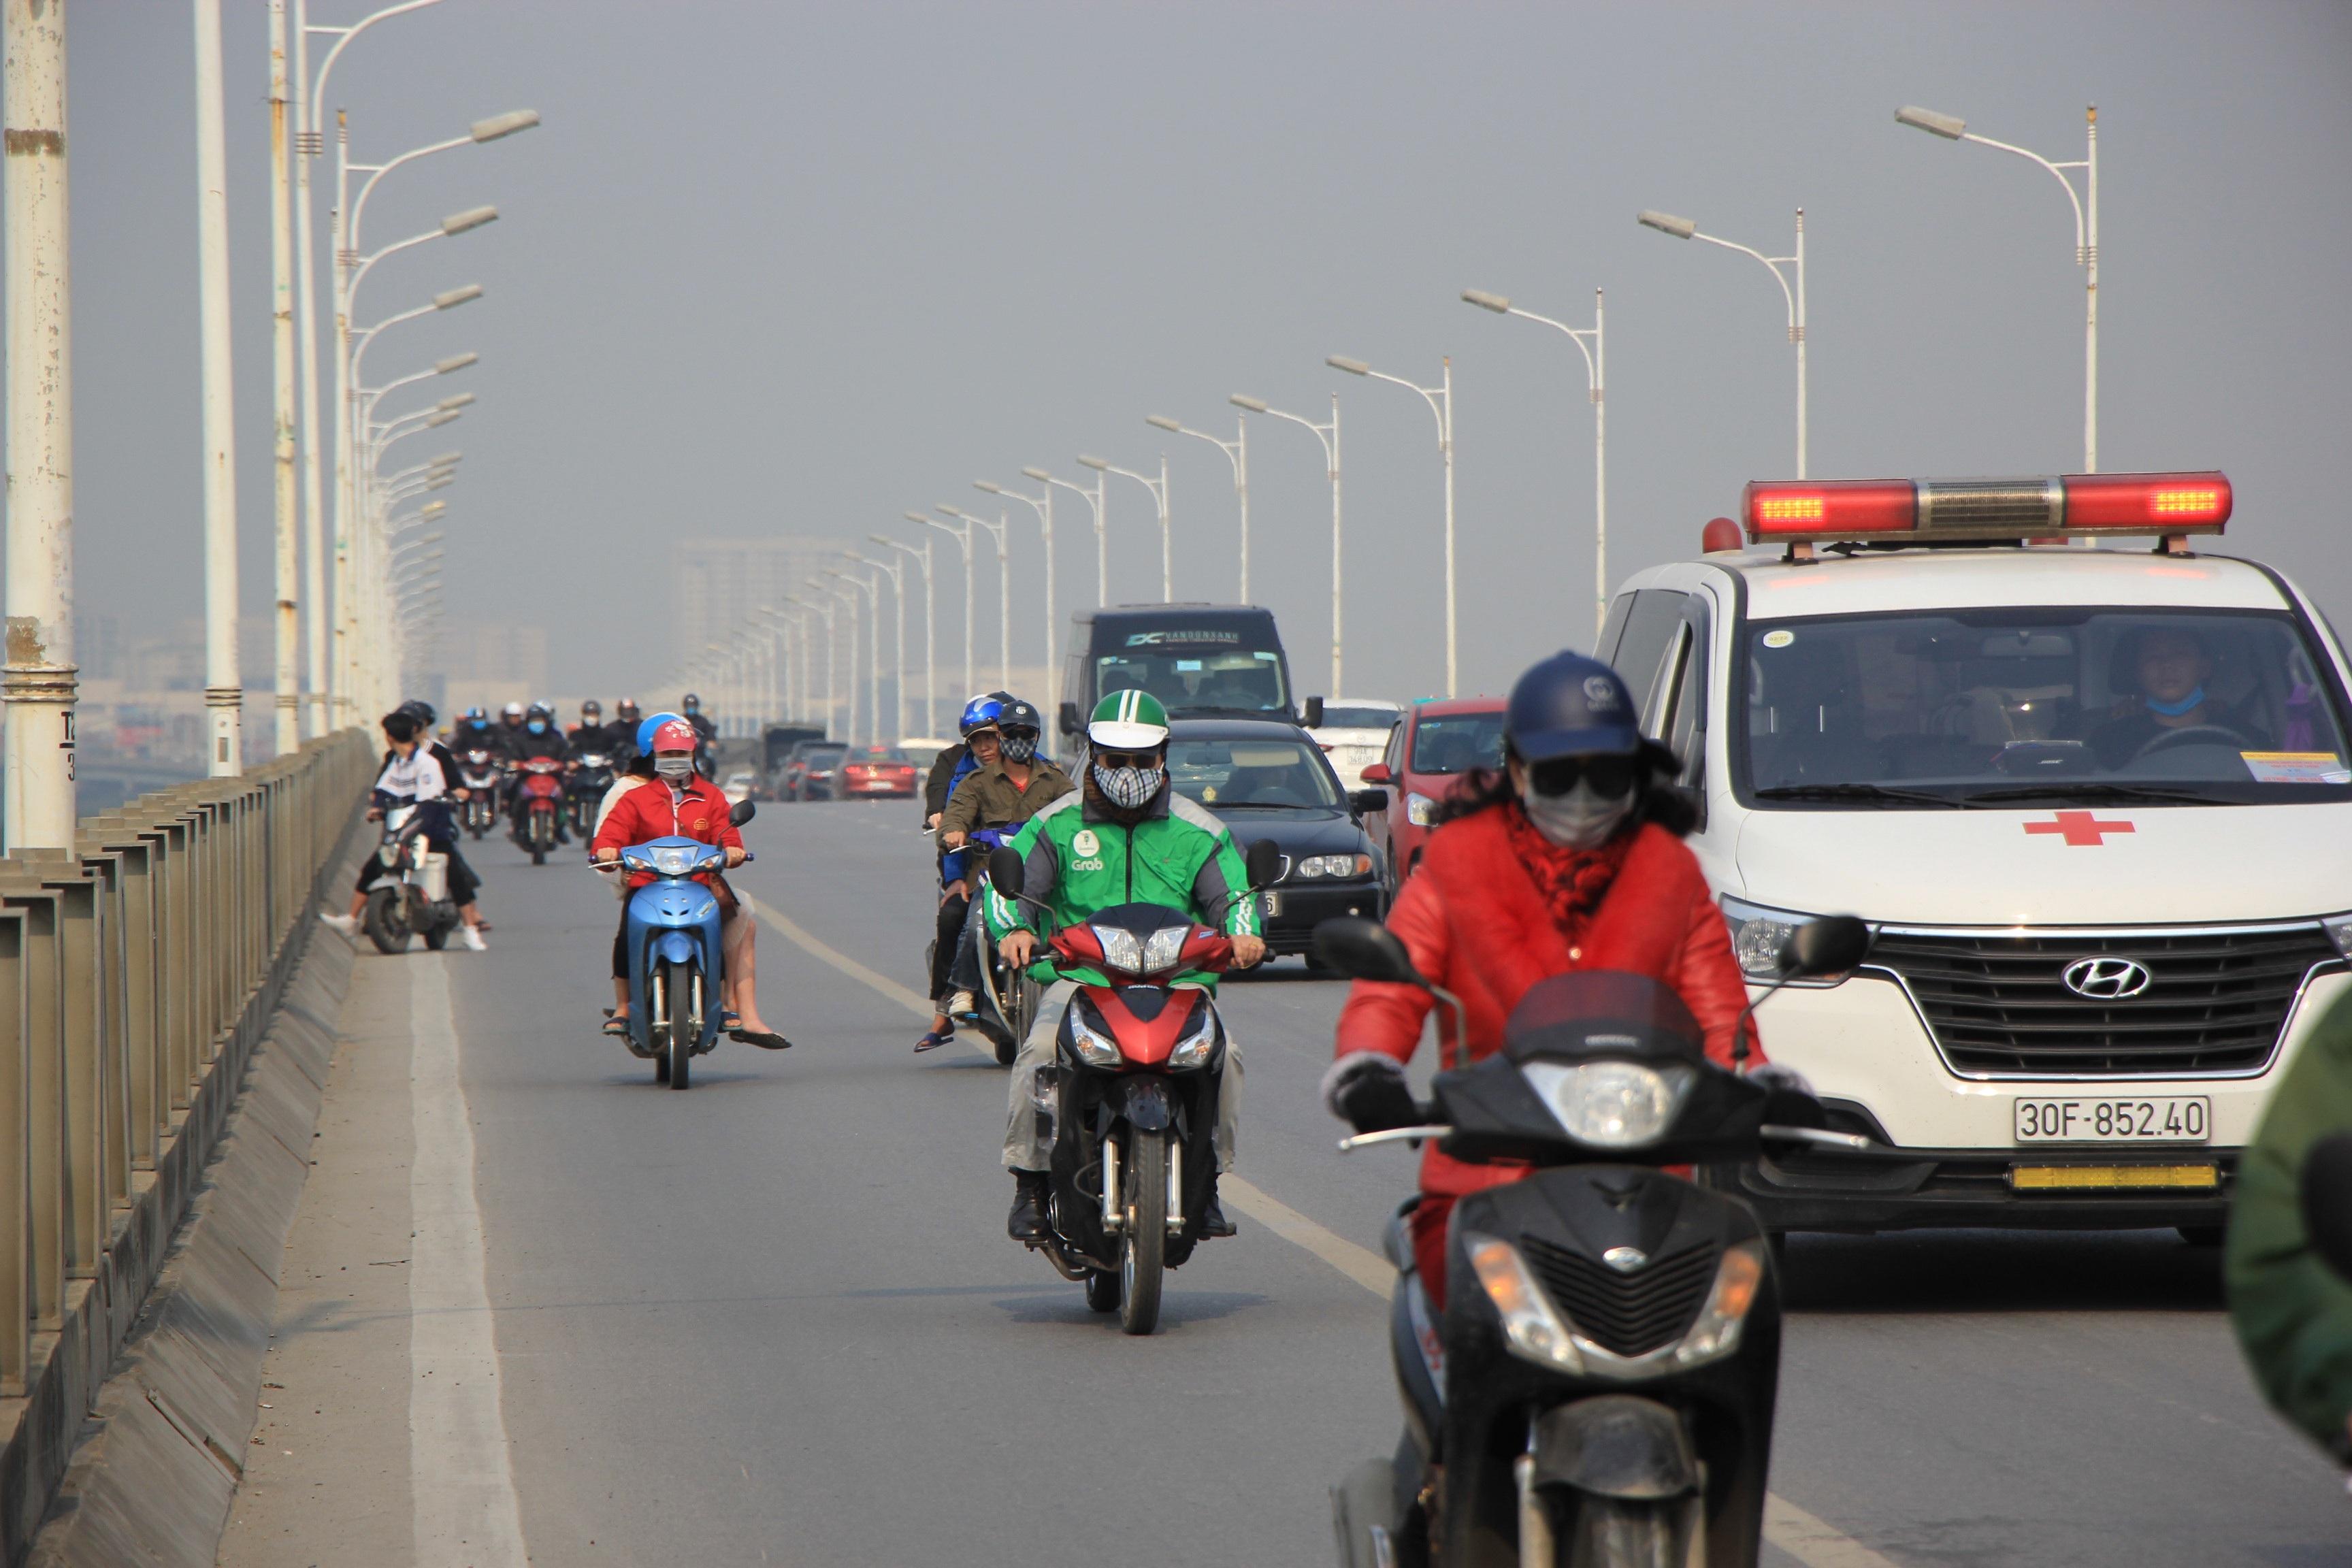 Toàn cảnh giao thông cầu Vĩnh Tuy trước khi xây cầu Vĩnh Tuy 2 - 12